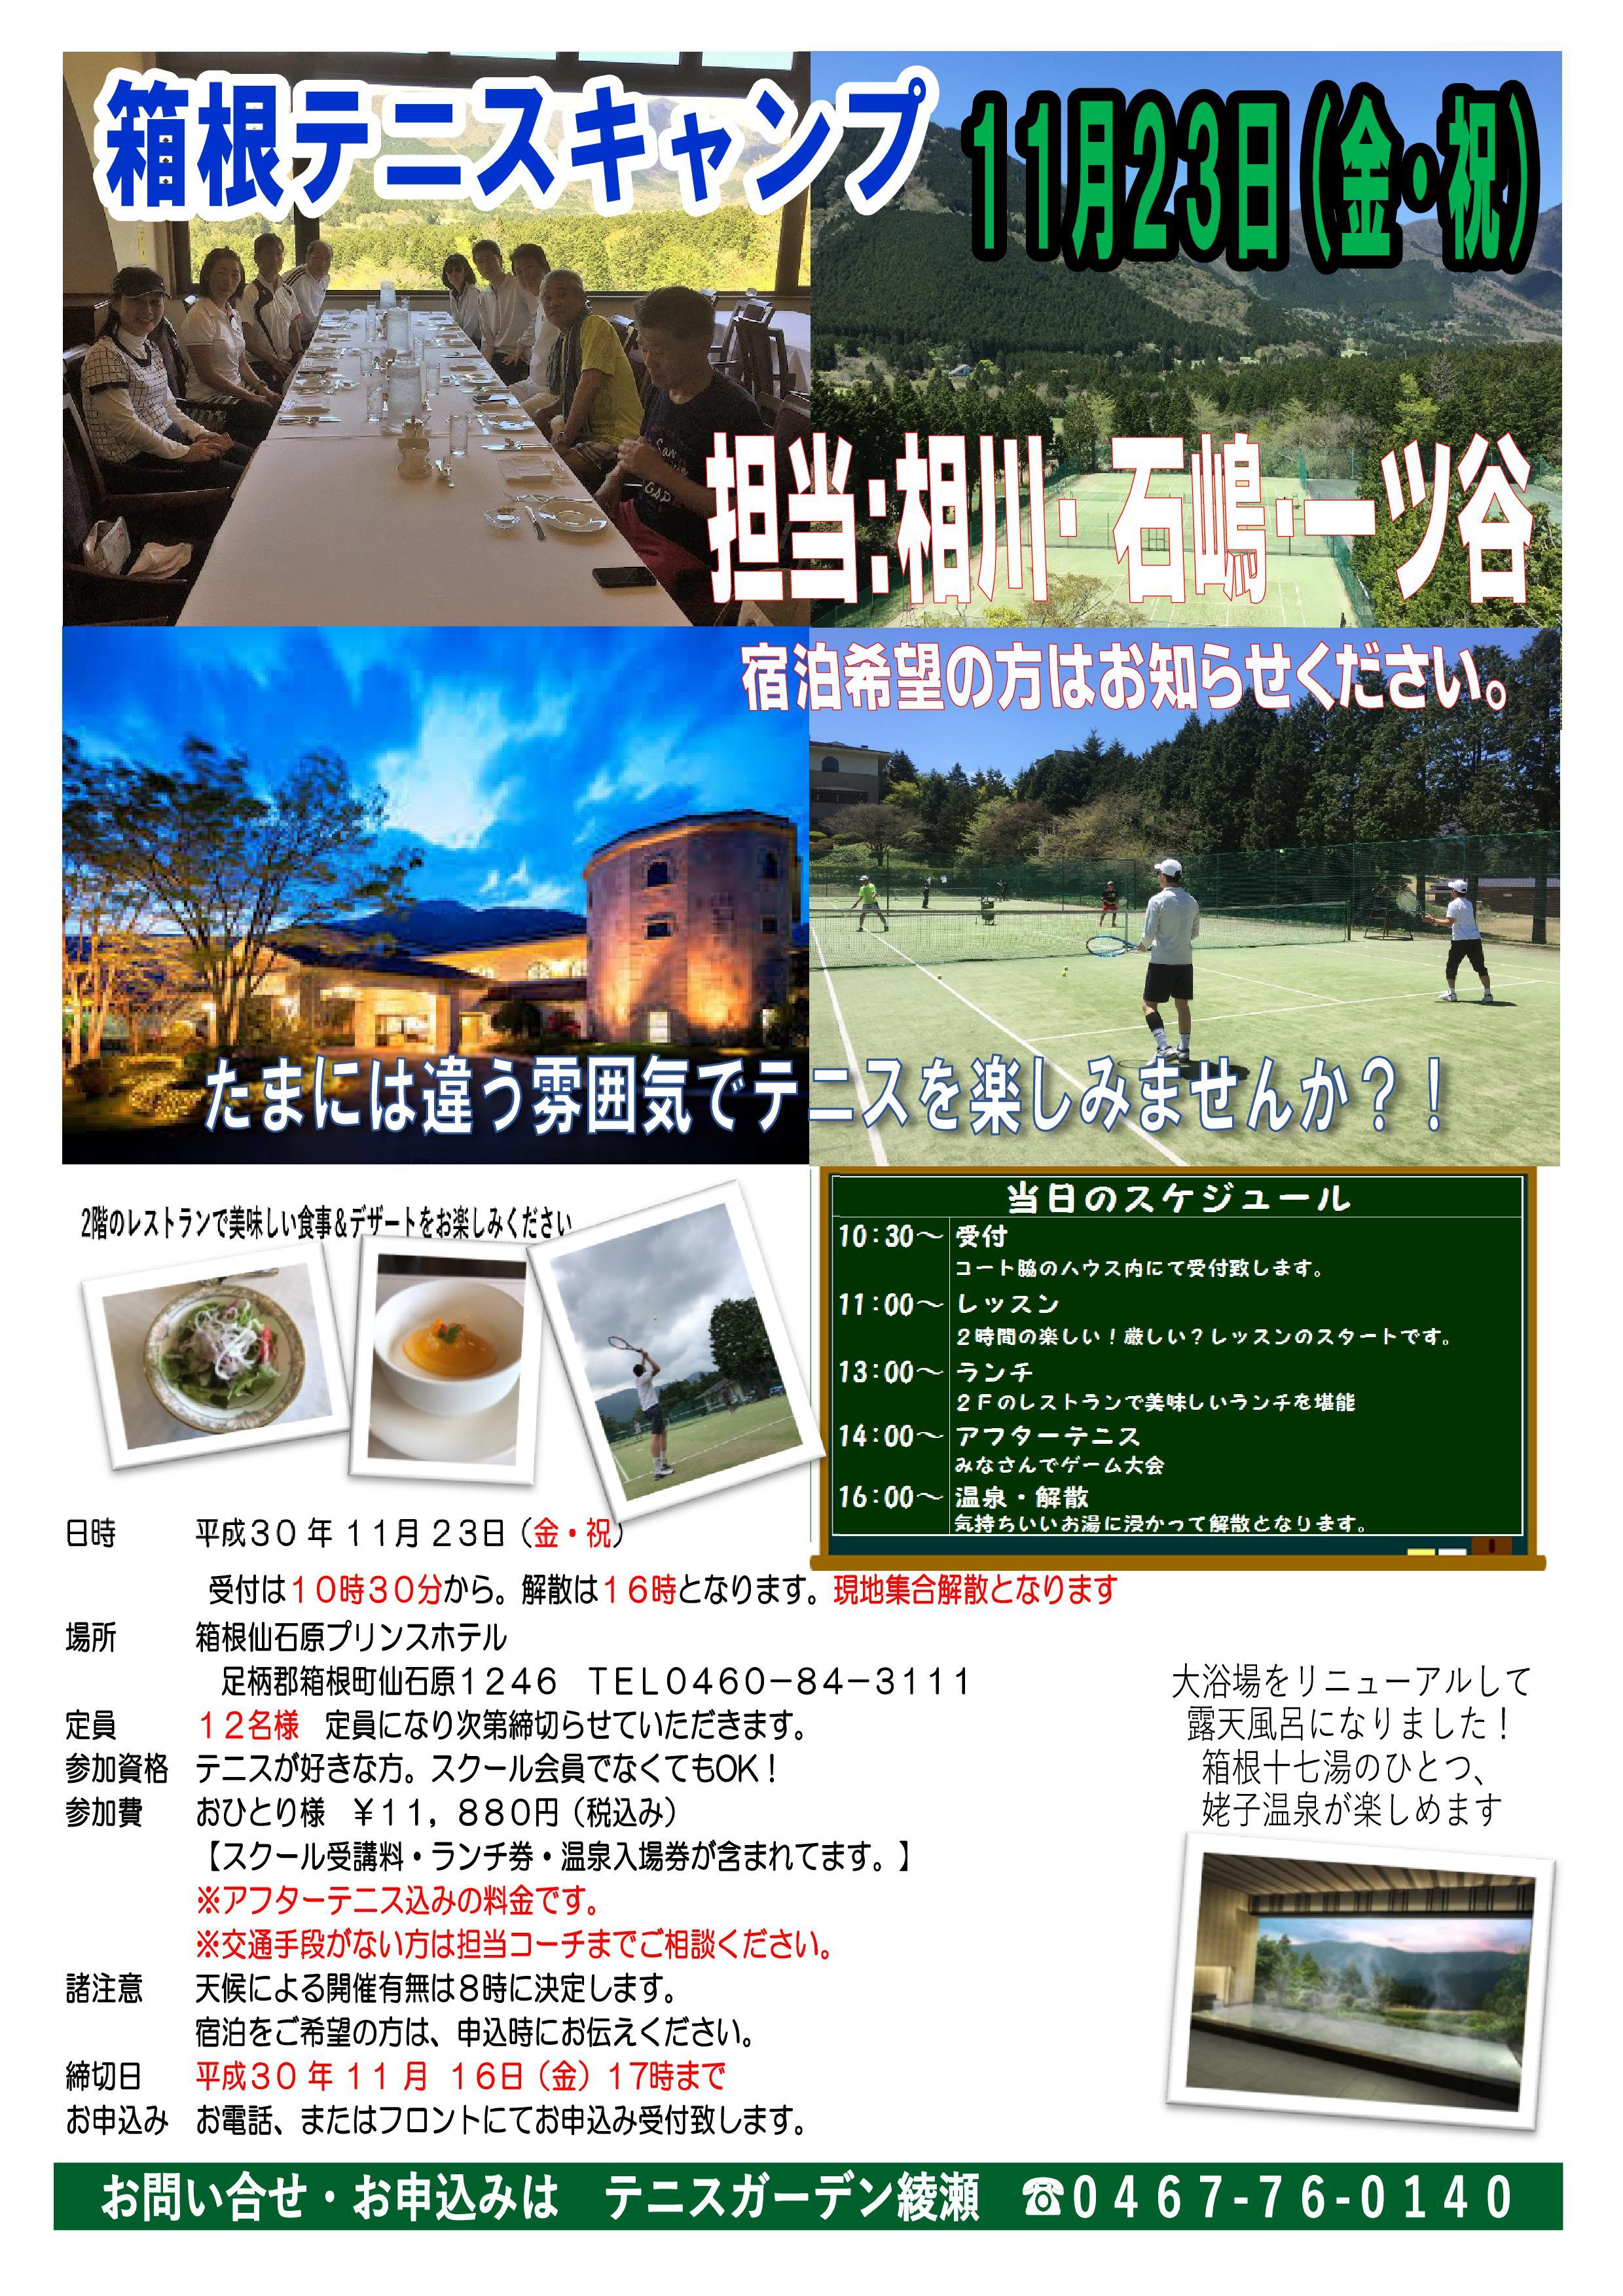 181123箱根キャンプ 箱根テニスキャンプ11月23日(金・祝)